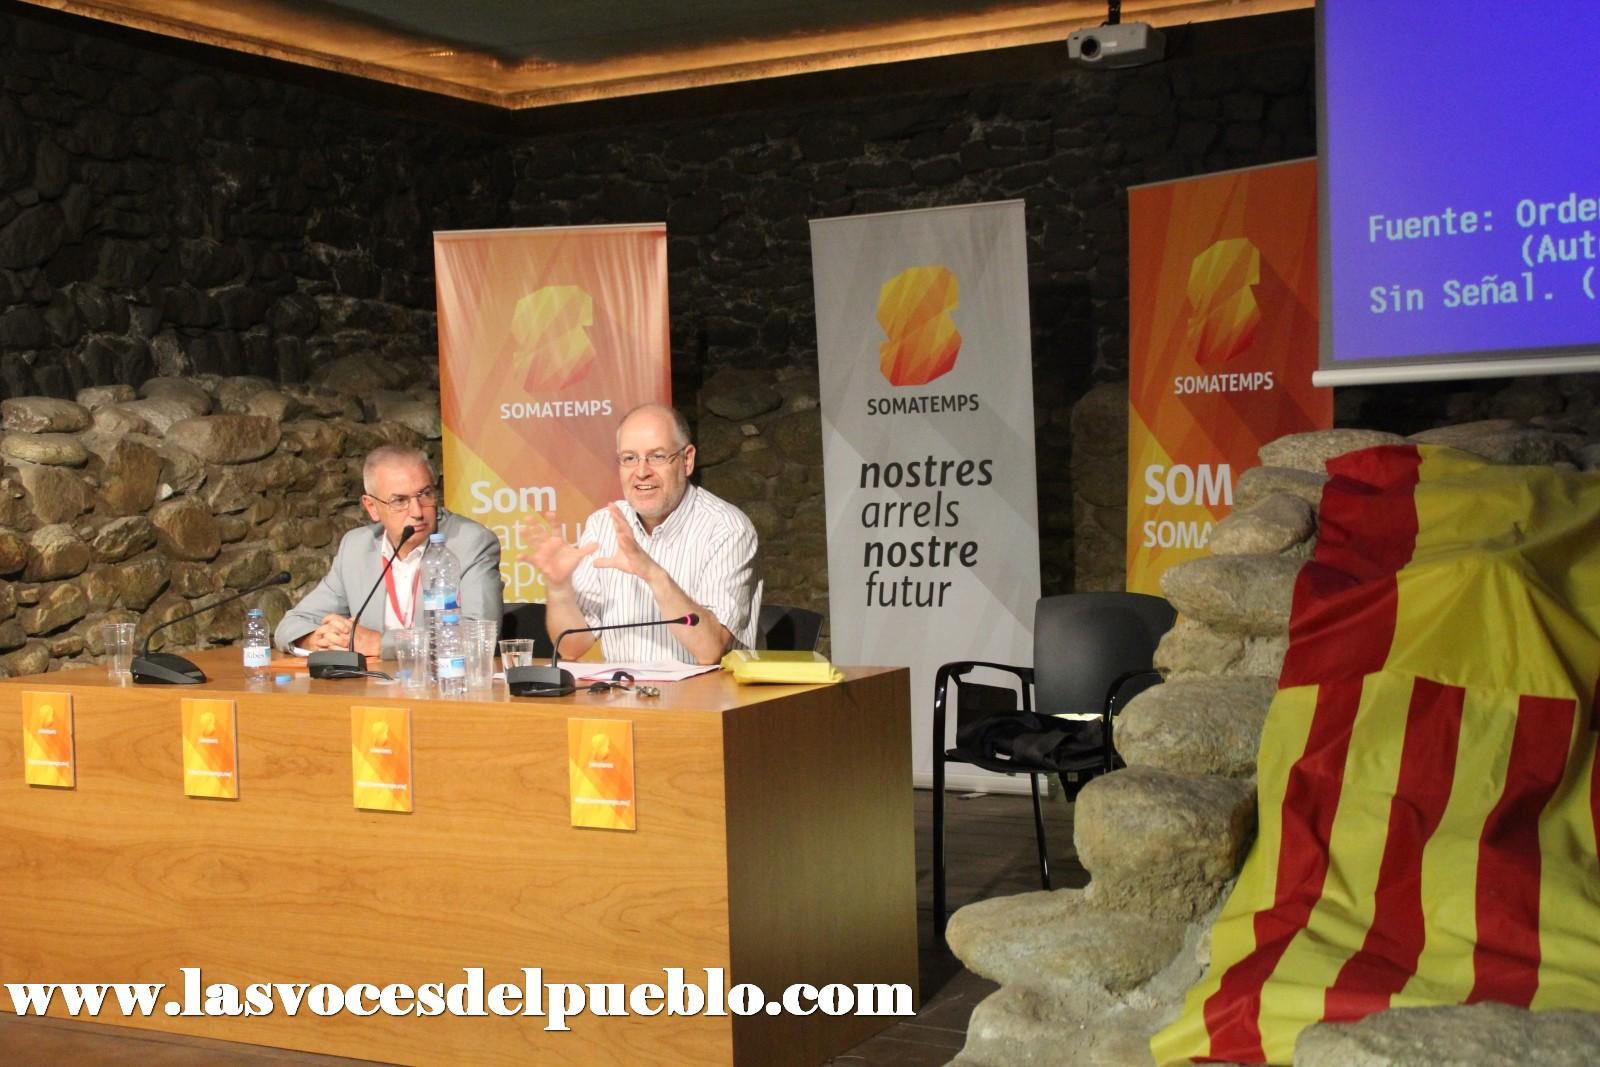 las voces del pueblo_I Congreso de Somatemps_Ripoll_Gerona (201)